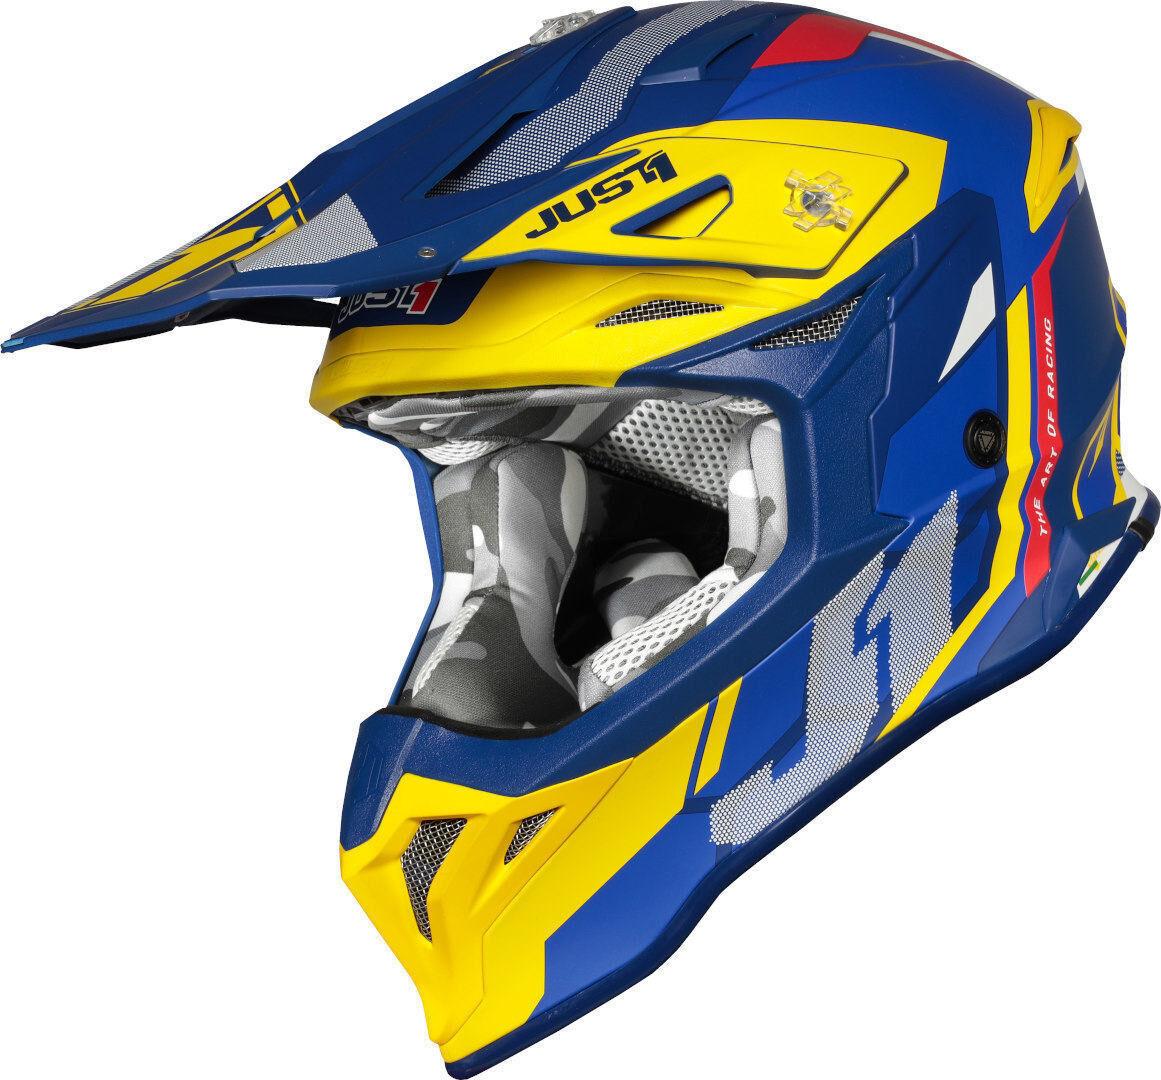 Just1 J39 Reactor Motocross kypärä  - Sininen Keltainen - Size: S